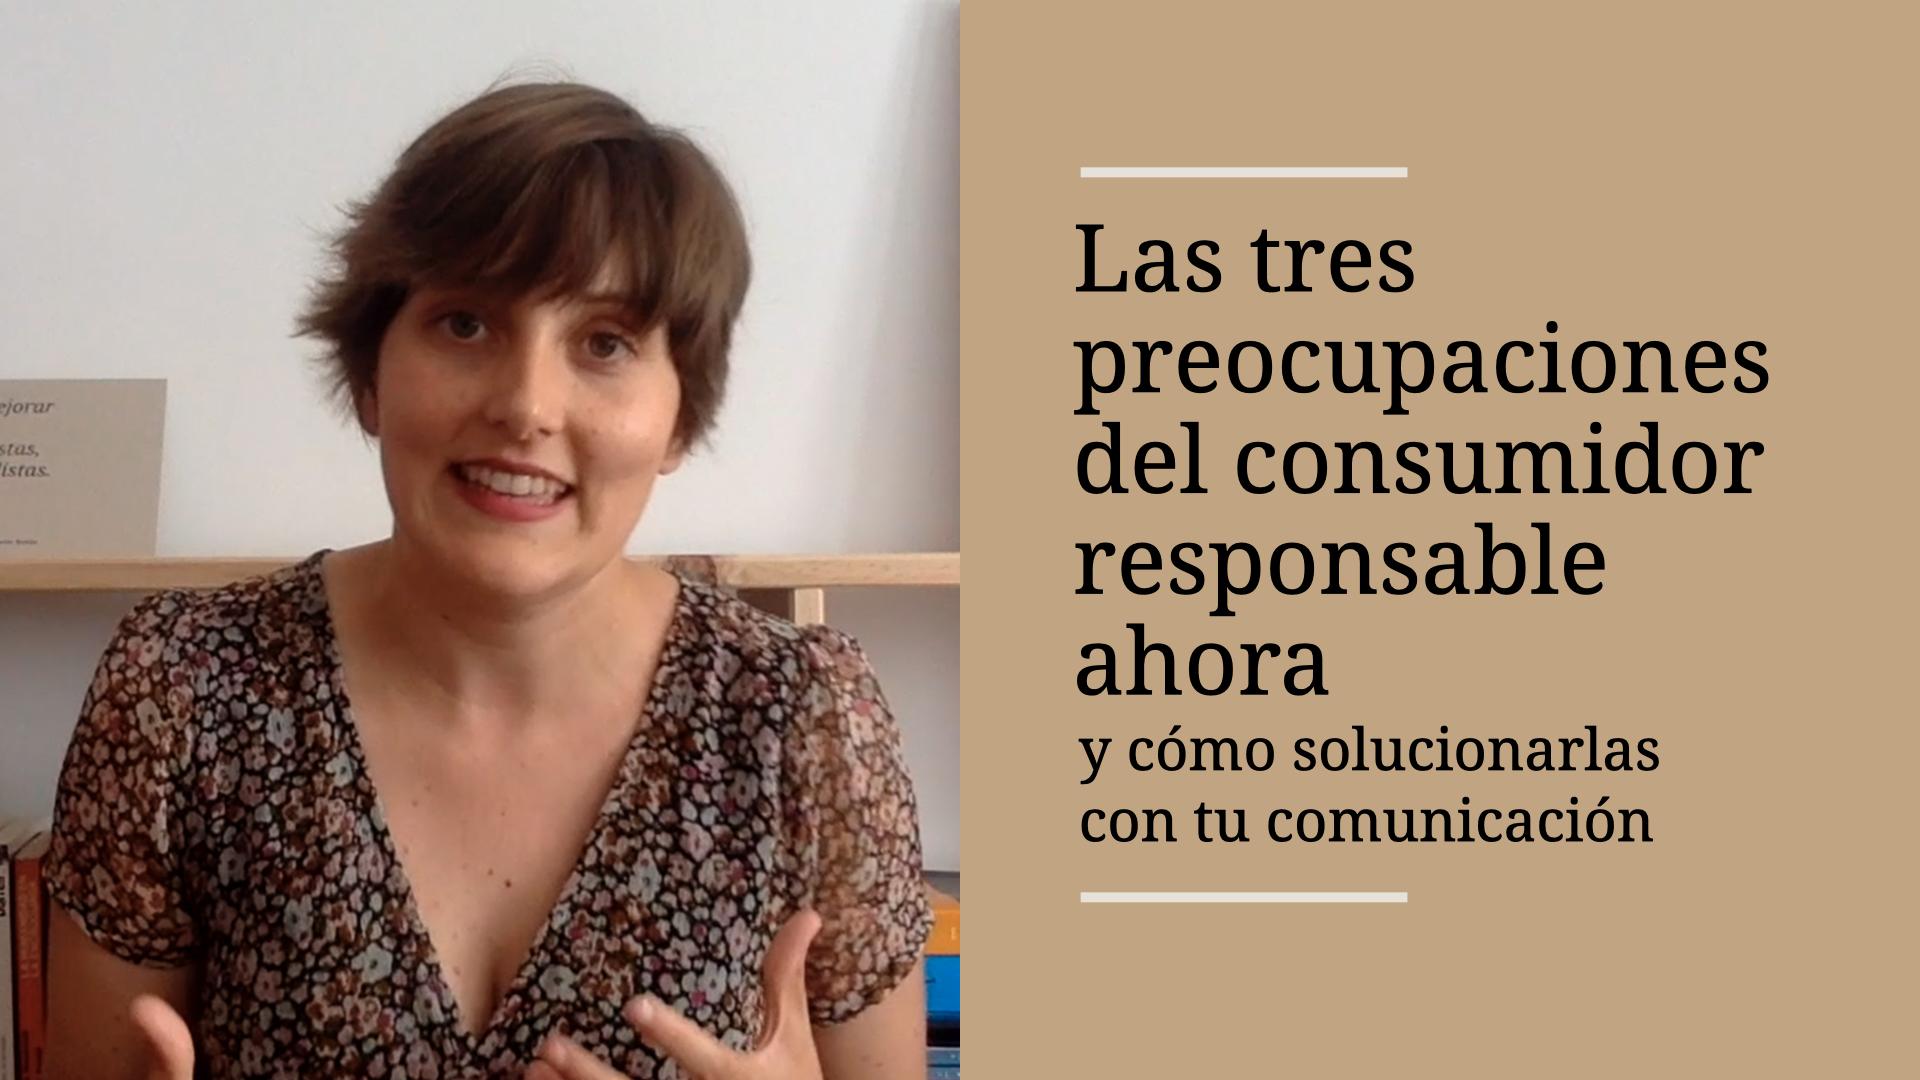 las-tres-preocupaciones-de-consumidor-responsable-ahora-y-como-solucionarlas-con-tu-comunicacion-alba-sueiro-roman-blog